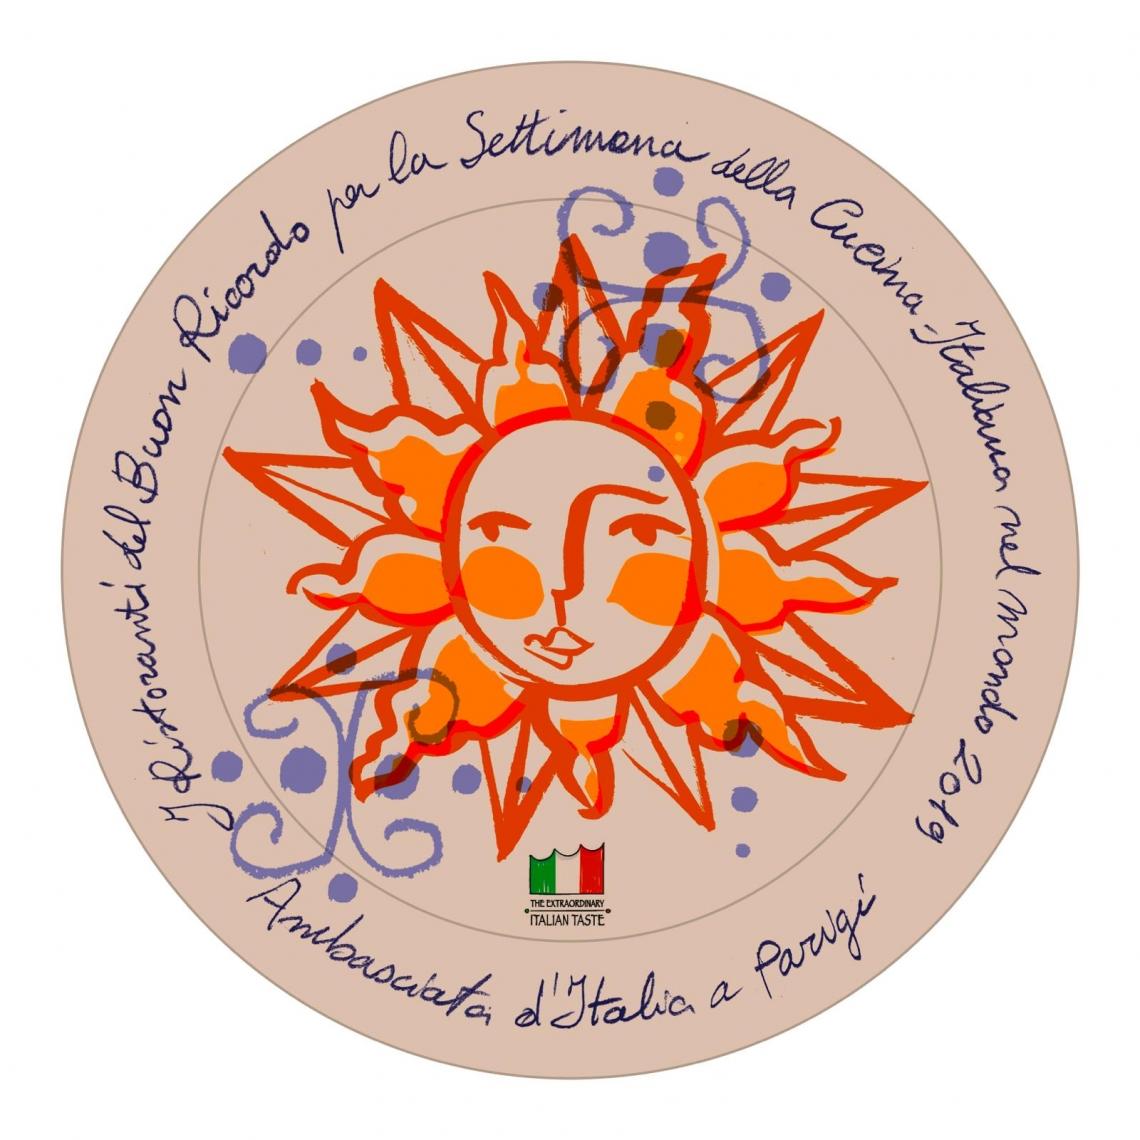 L'Unione Ristoranti Buon Ricordo per il secondo anno rappresenta ufficialmente la cucina italiana all'Ambasciata d'Italia a Parigi